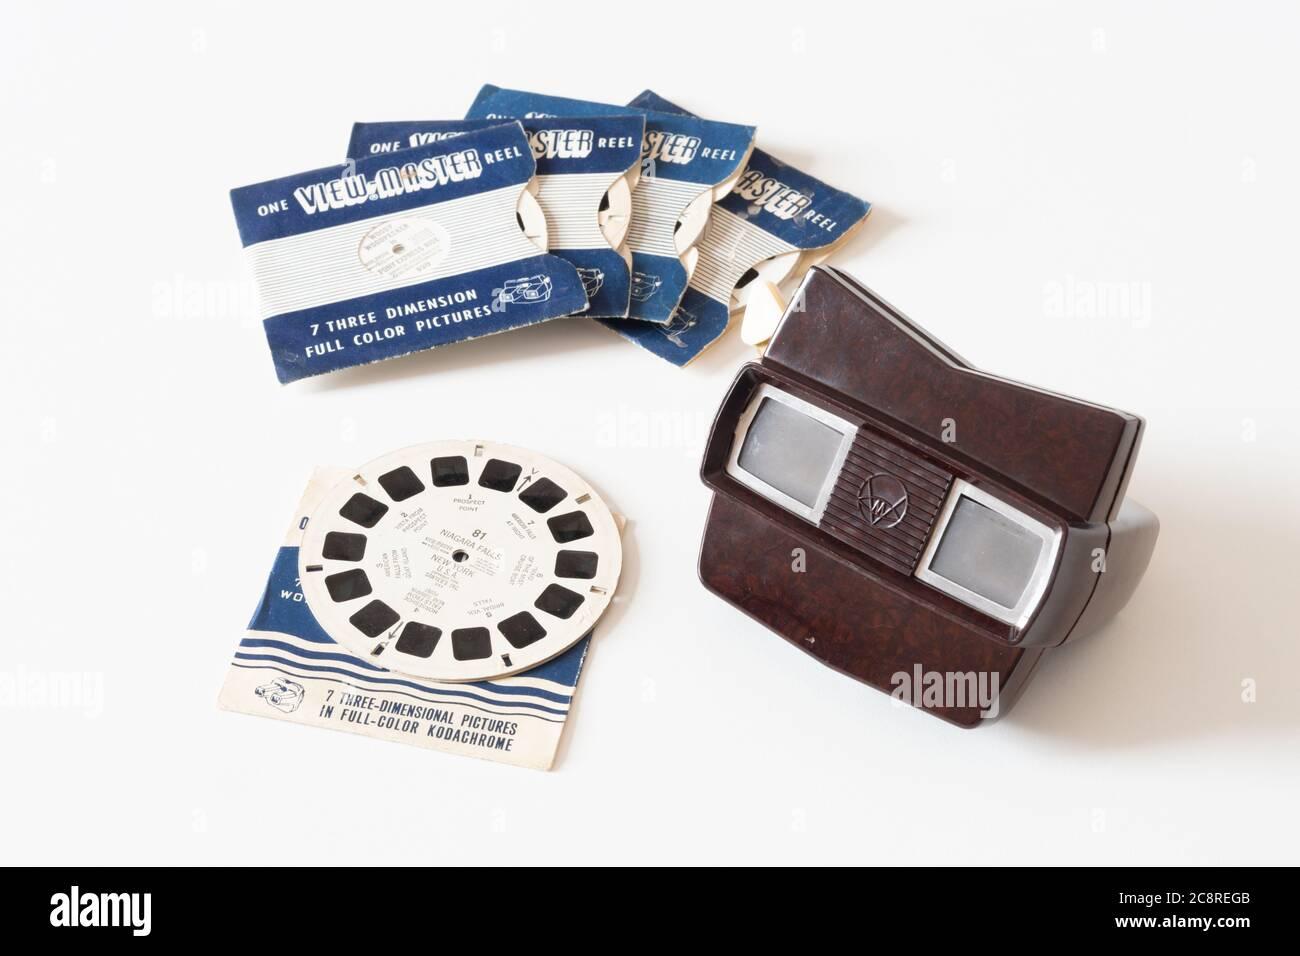 Viewmaster (o View-Master) modelo E bakelite 3D carrete de película de diapositivas de los años 50/60 con carretes de película kodachrome Foto de stock